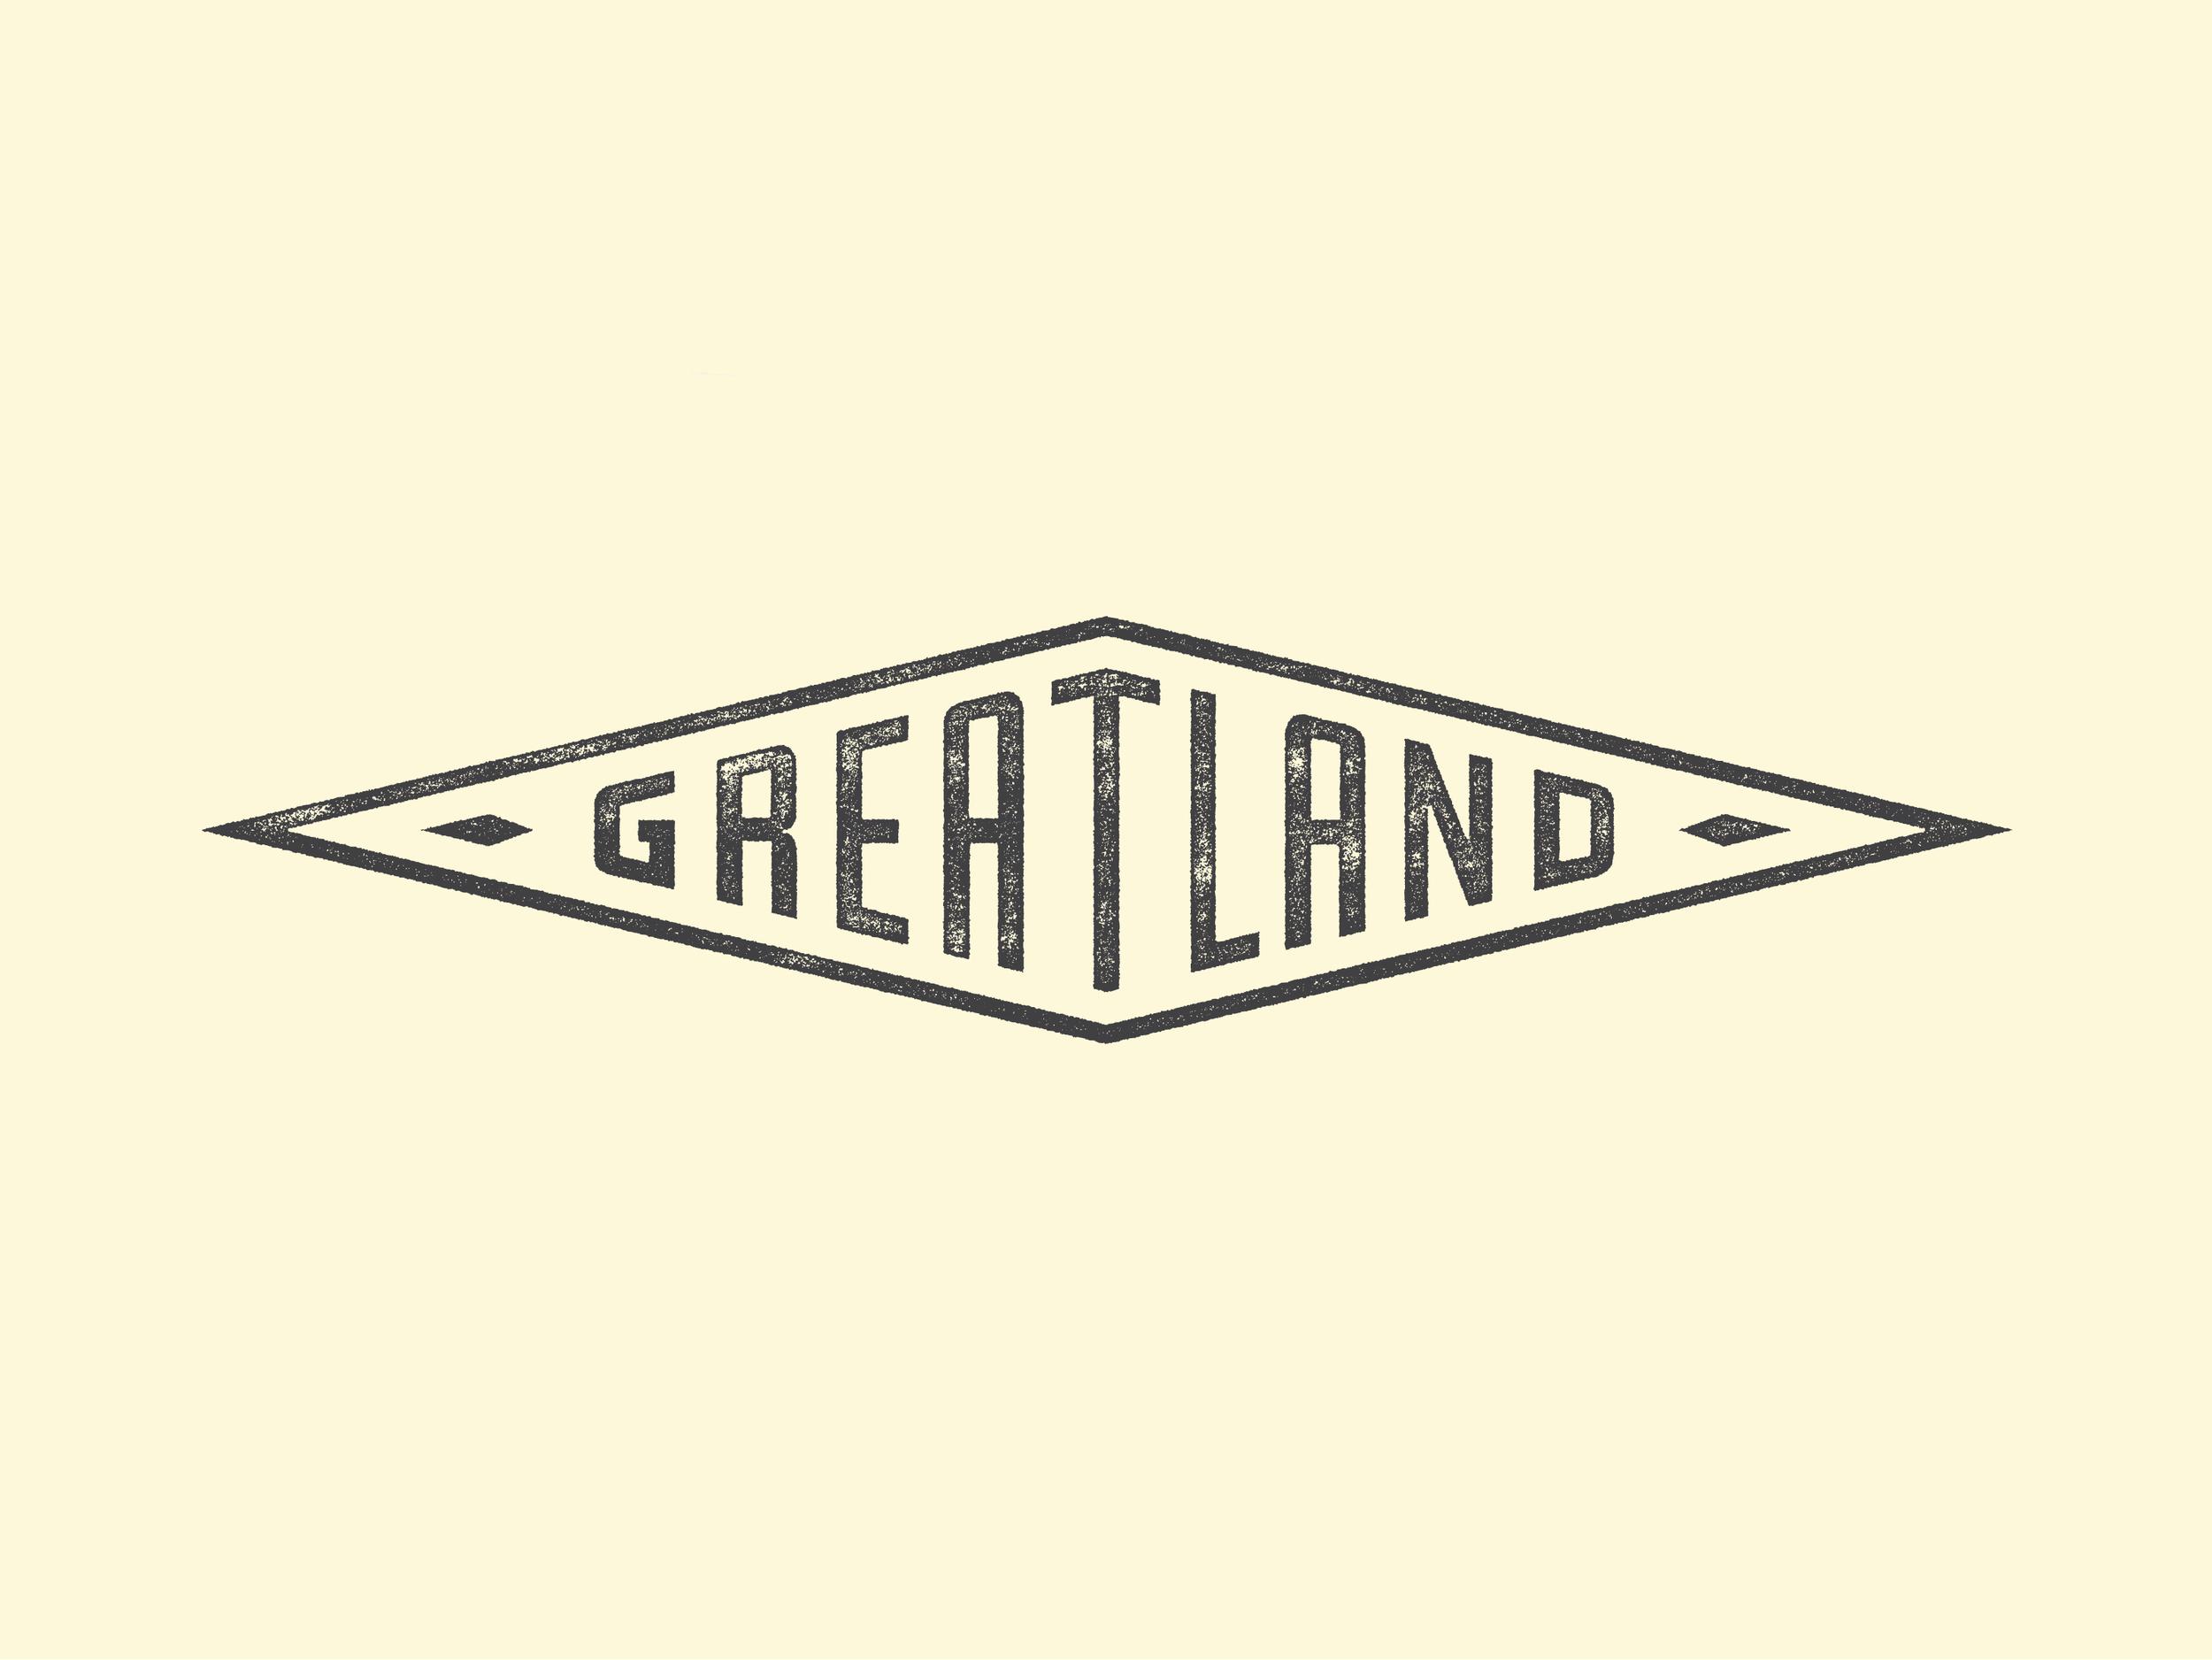 Greatland_2.jpg